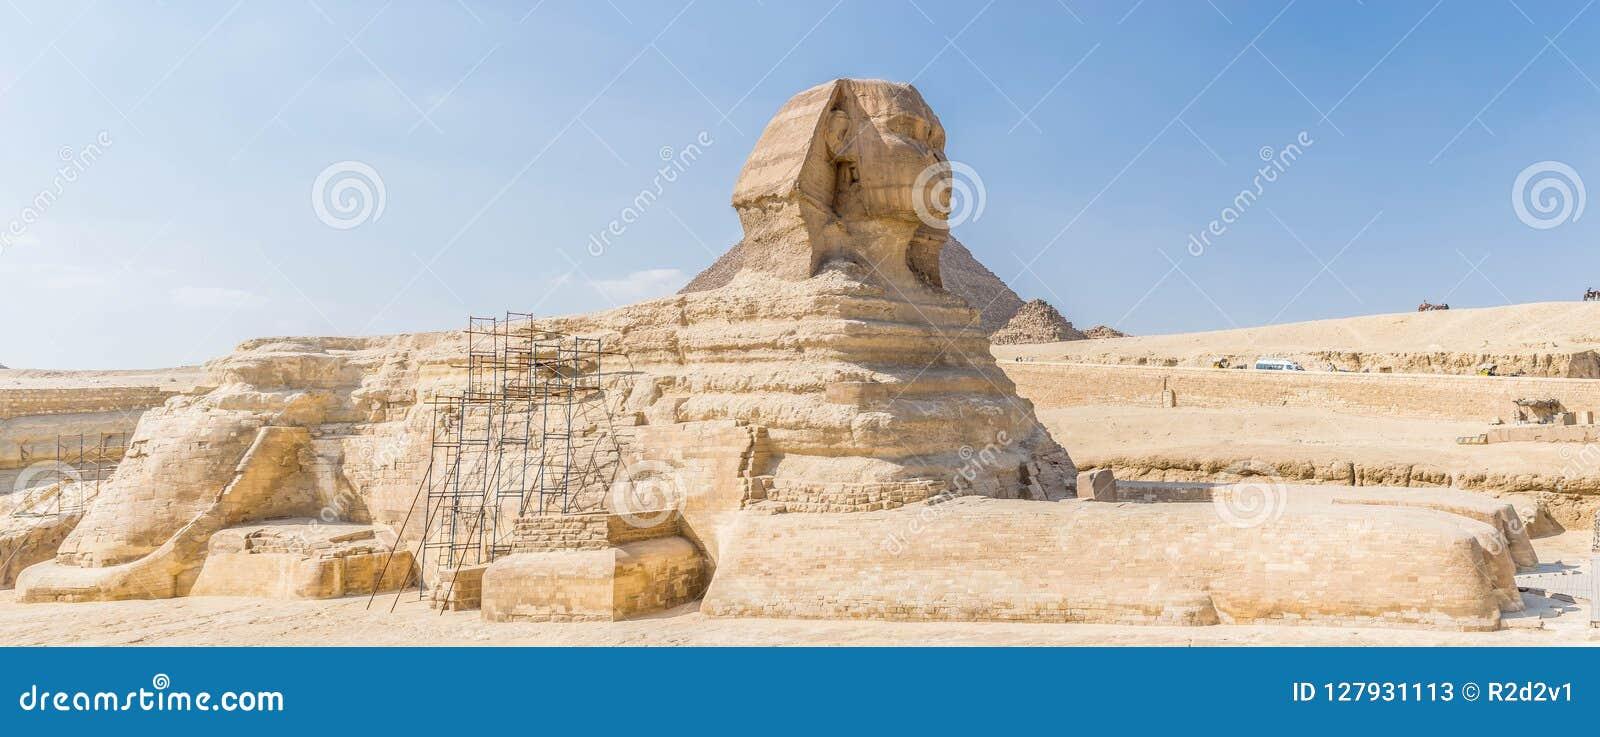 Wielki Egypt sfinks